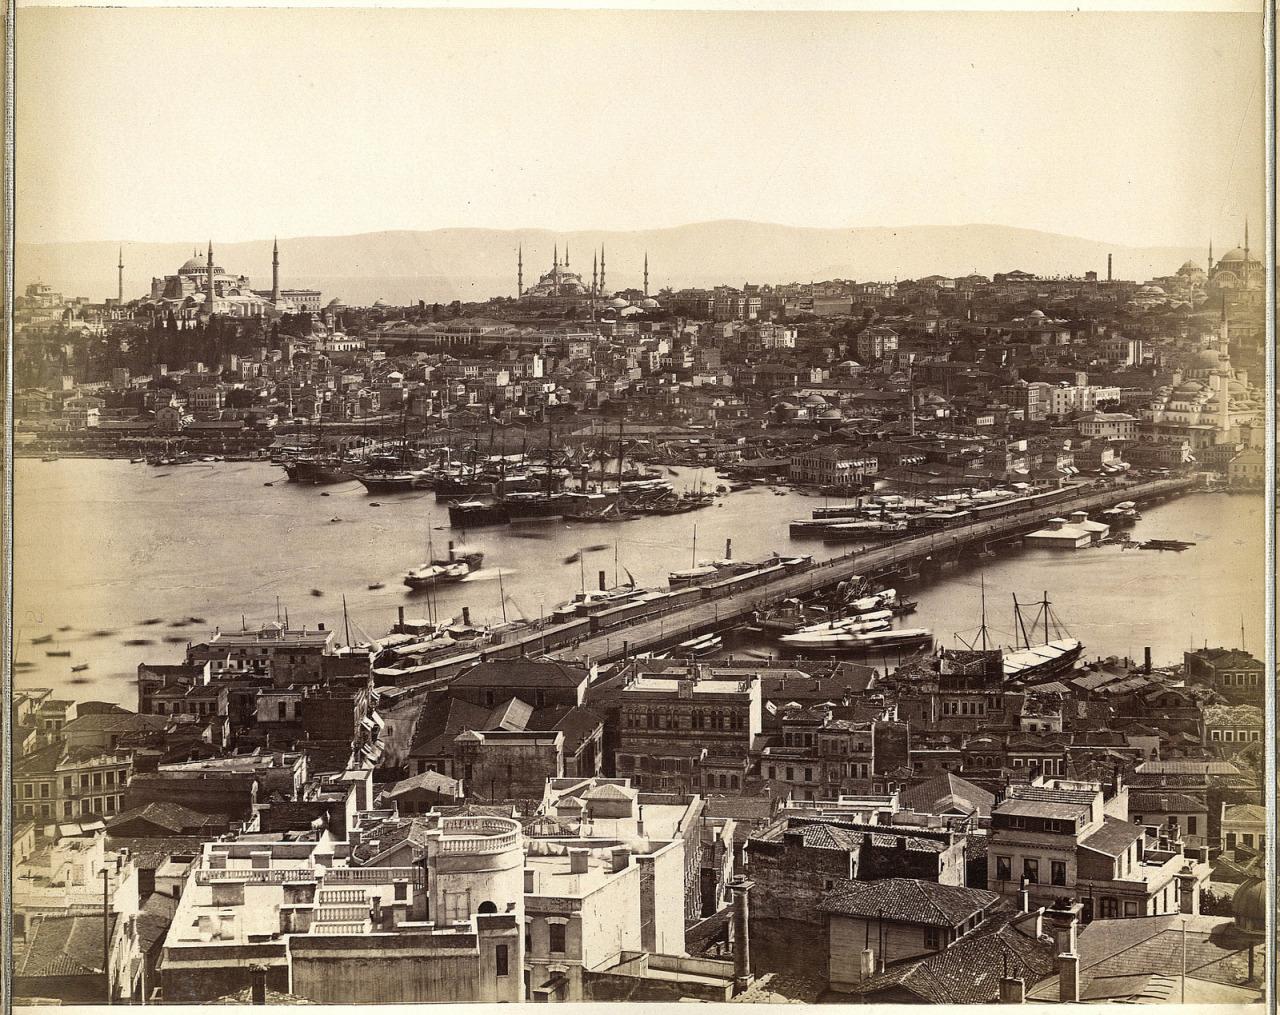 Galata Kulesi'nden Panoramik Görünüm - 5 Guillaume Berggren, 1875